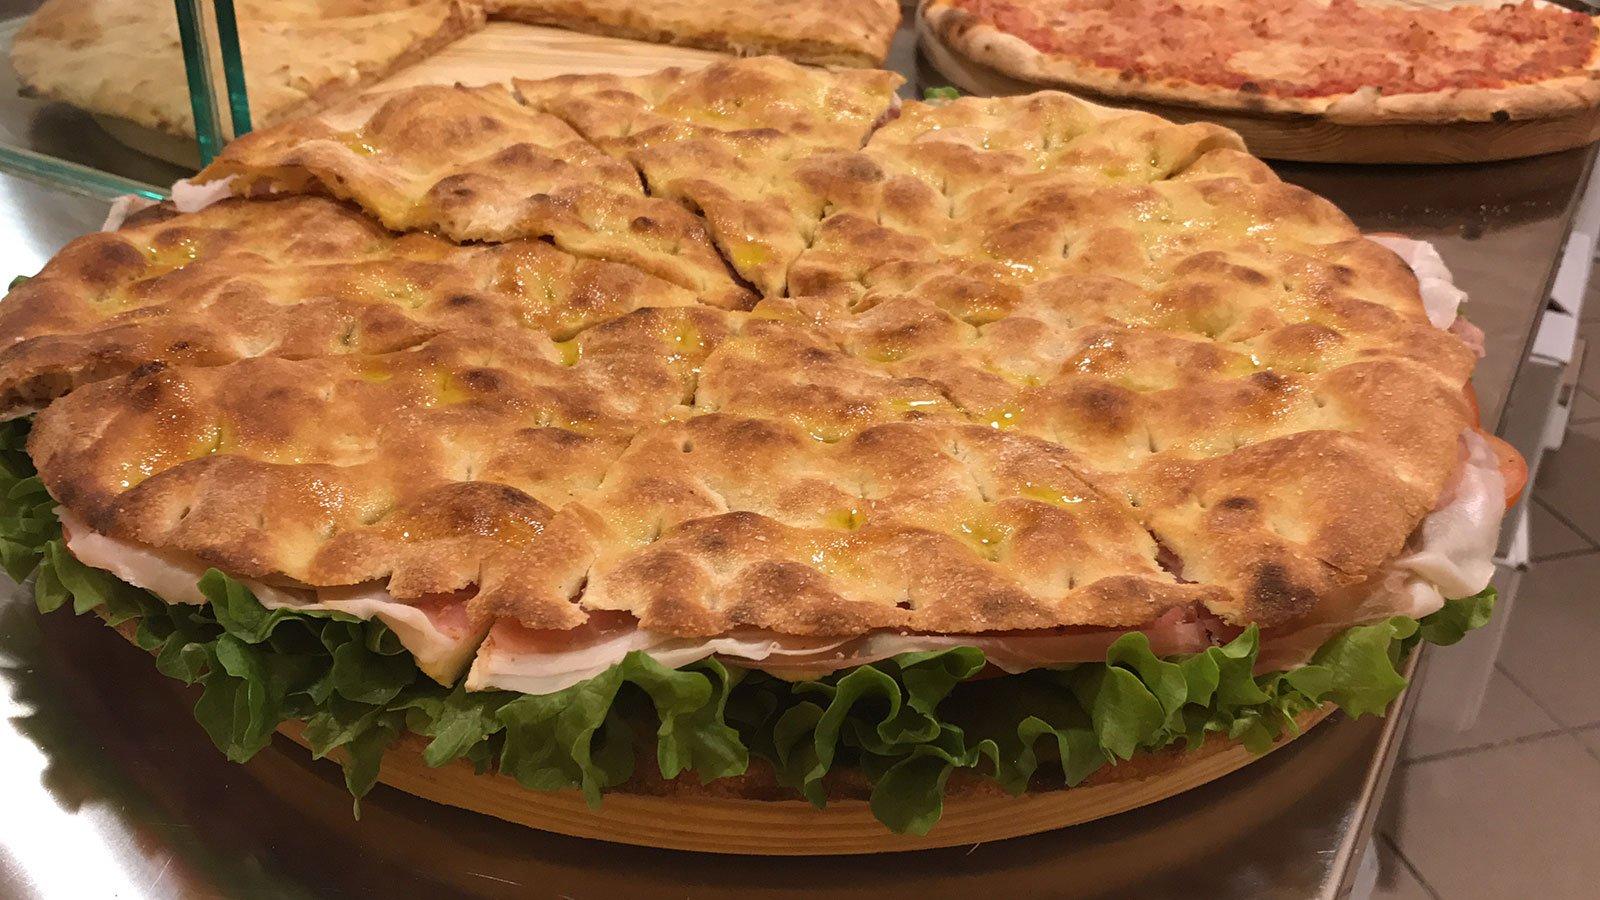 un enorme sandwich di pizza farcito su un tagliere